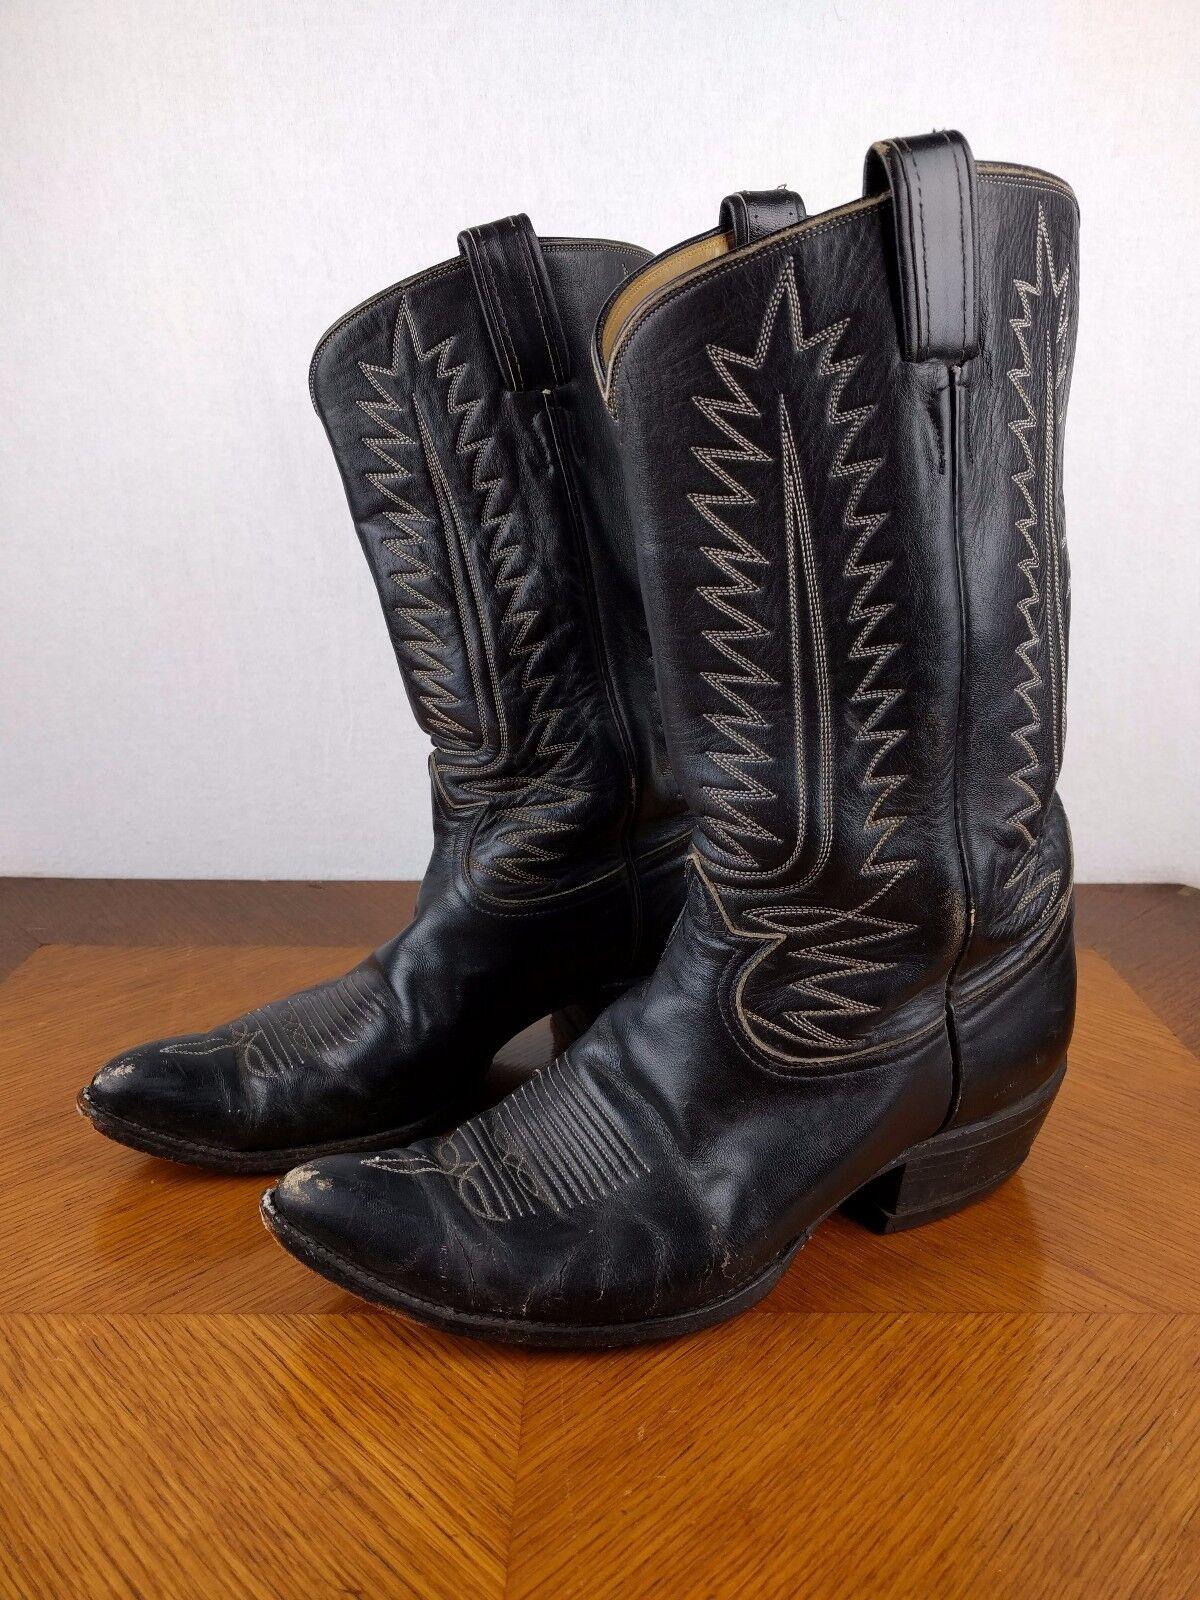 Vintage Tony Lama Negro botas De Vaquero Zapatos para hombre 10 1 2 D Usa occidental de cuero de toro